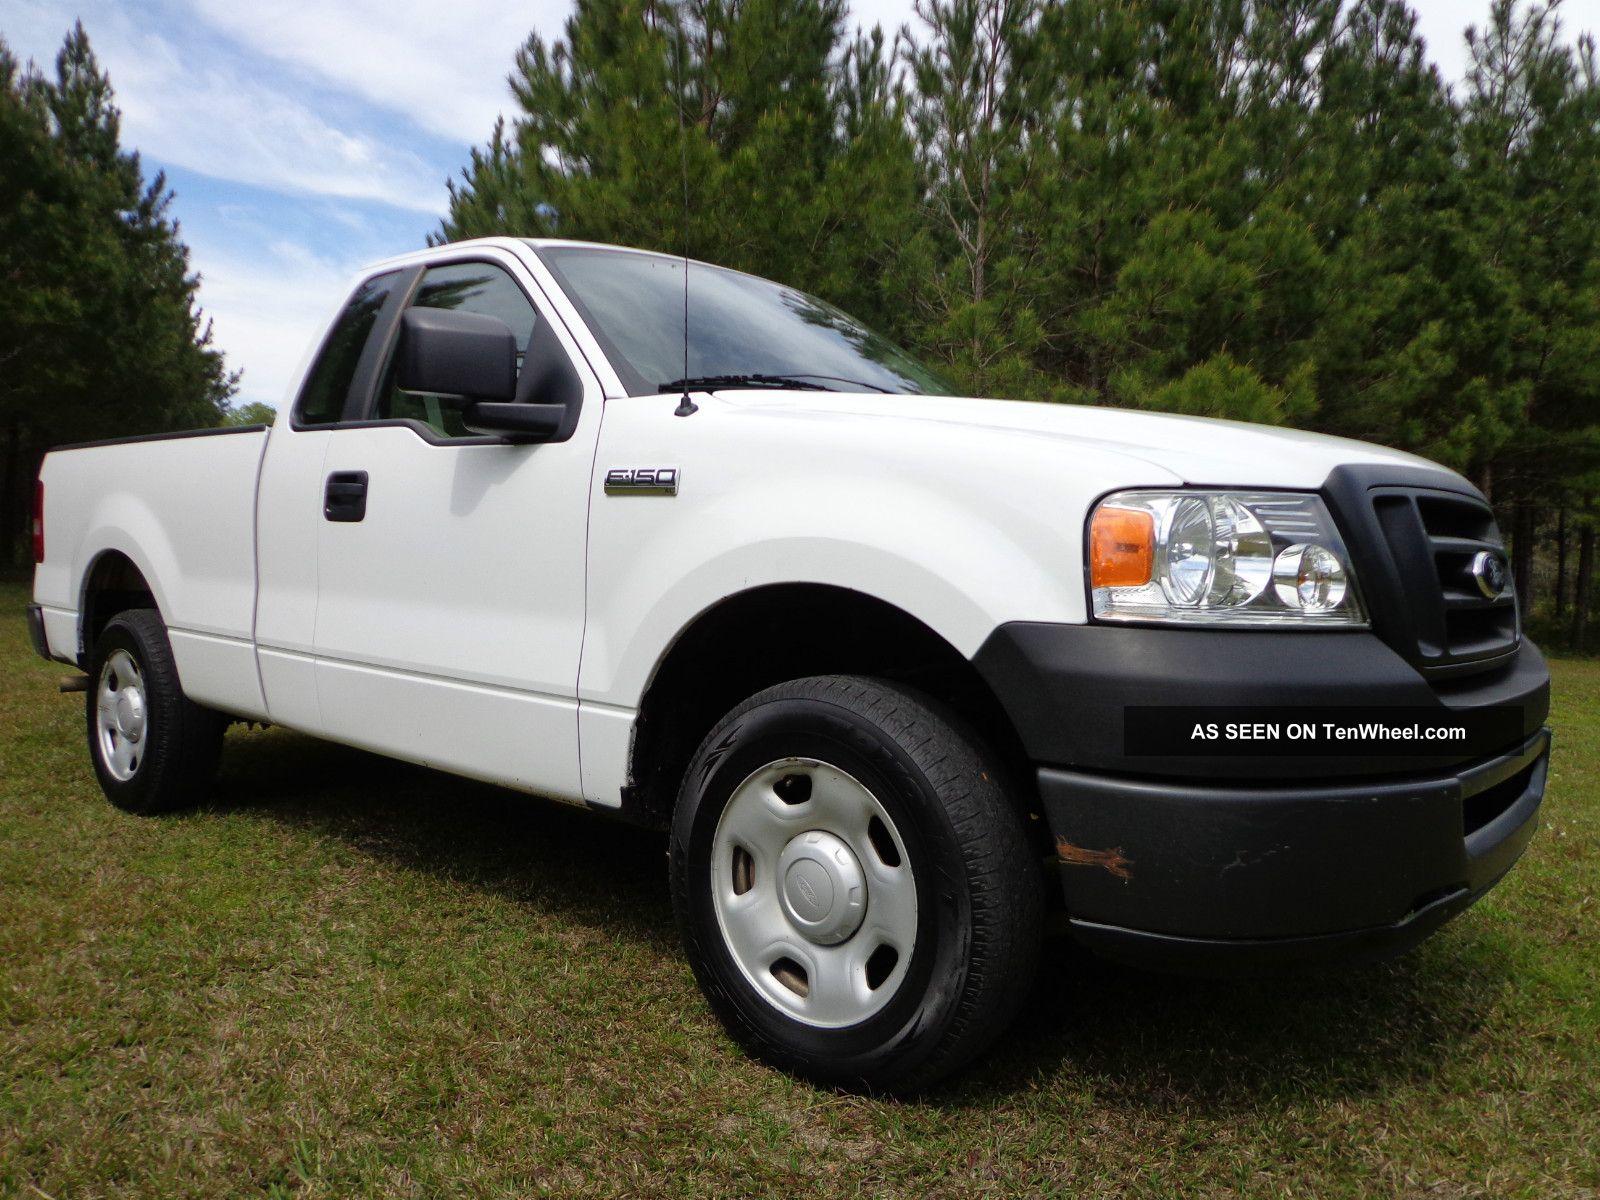 2007 ford f 150 xl pickup extended cab 4 2l v6 2wd in mississippi. Black Bedroom Furniture Sets. Home Design Ideas